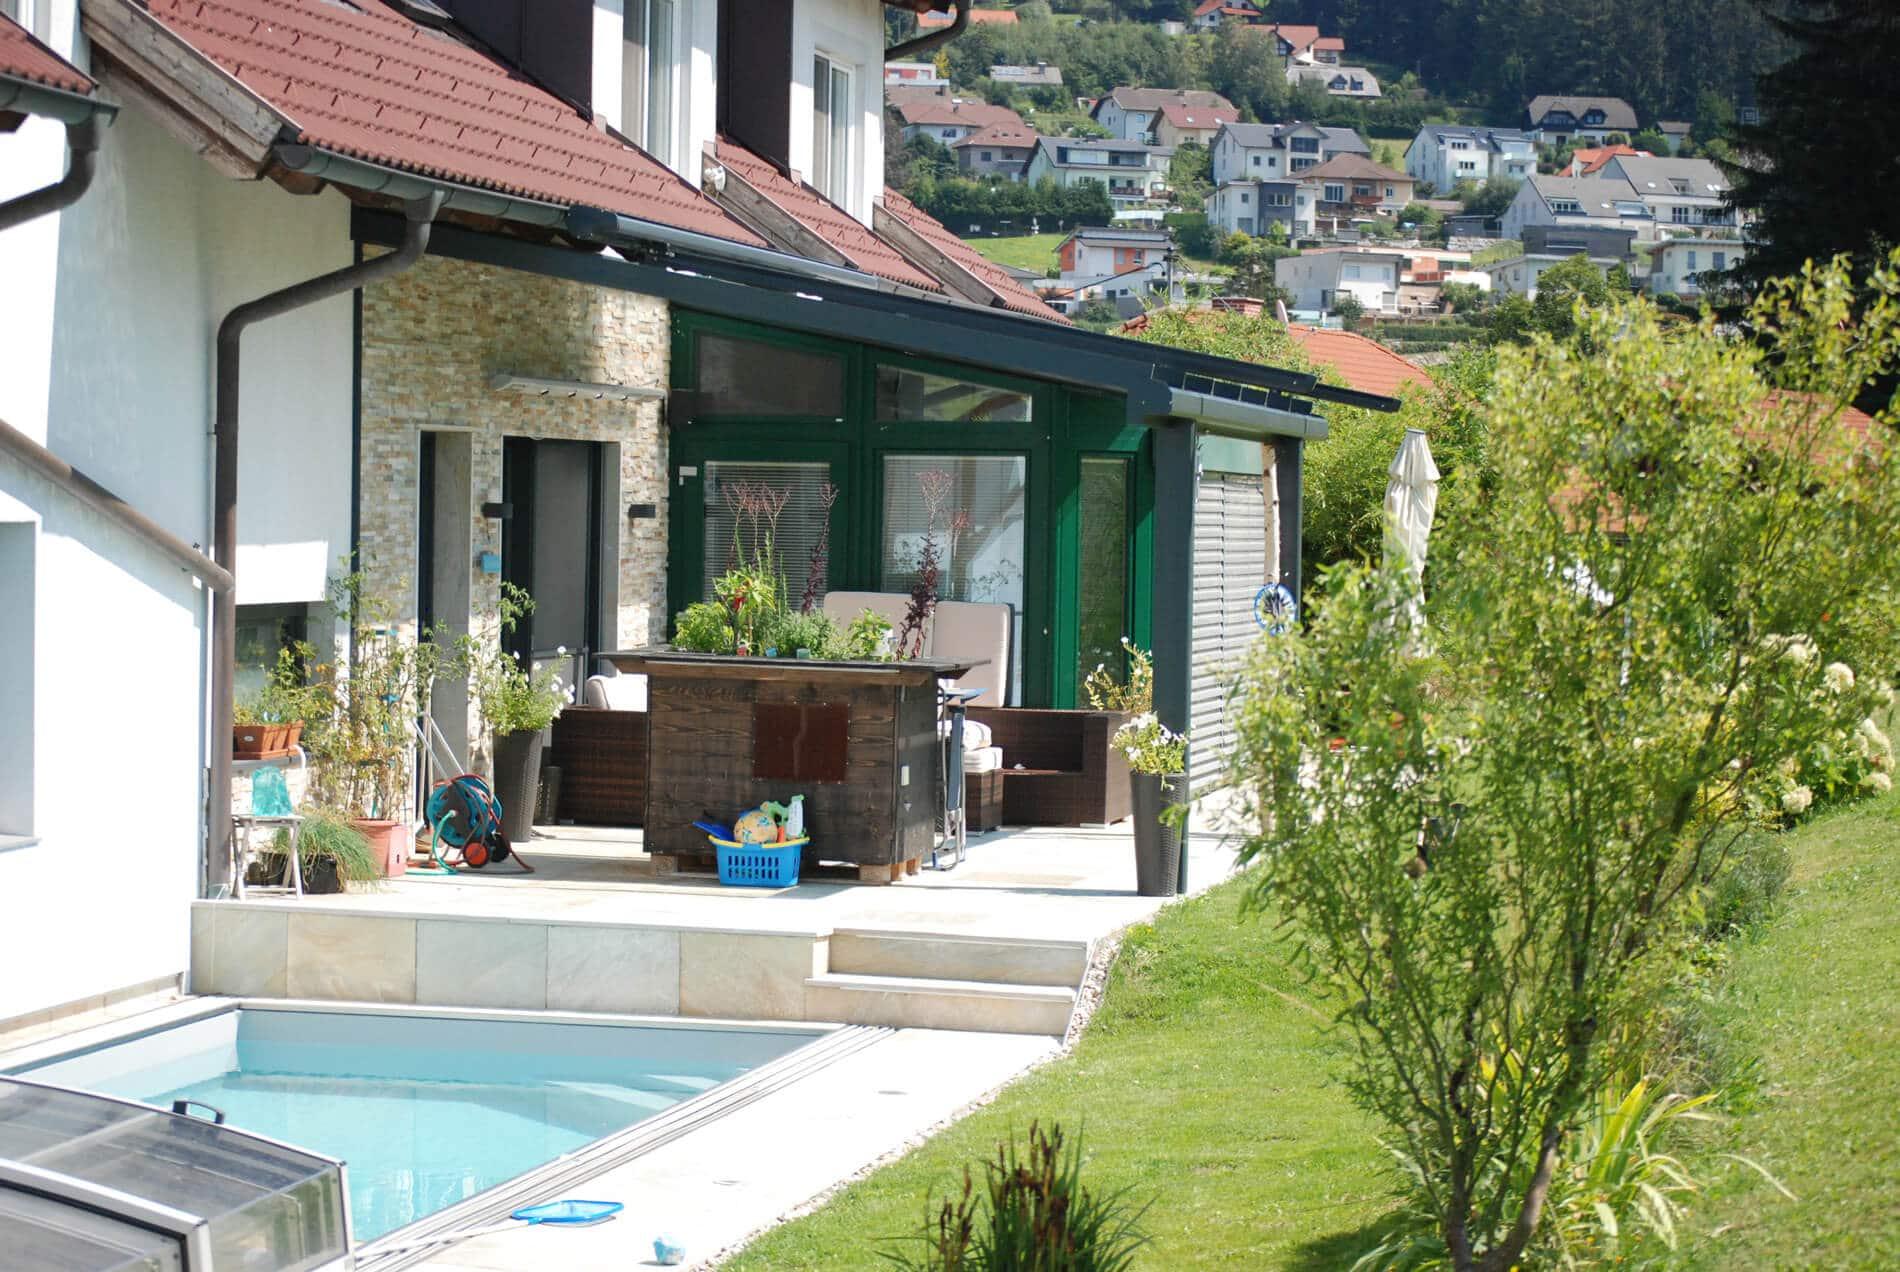 Terrassenüberdachung aus hochwertigen Materialien